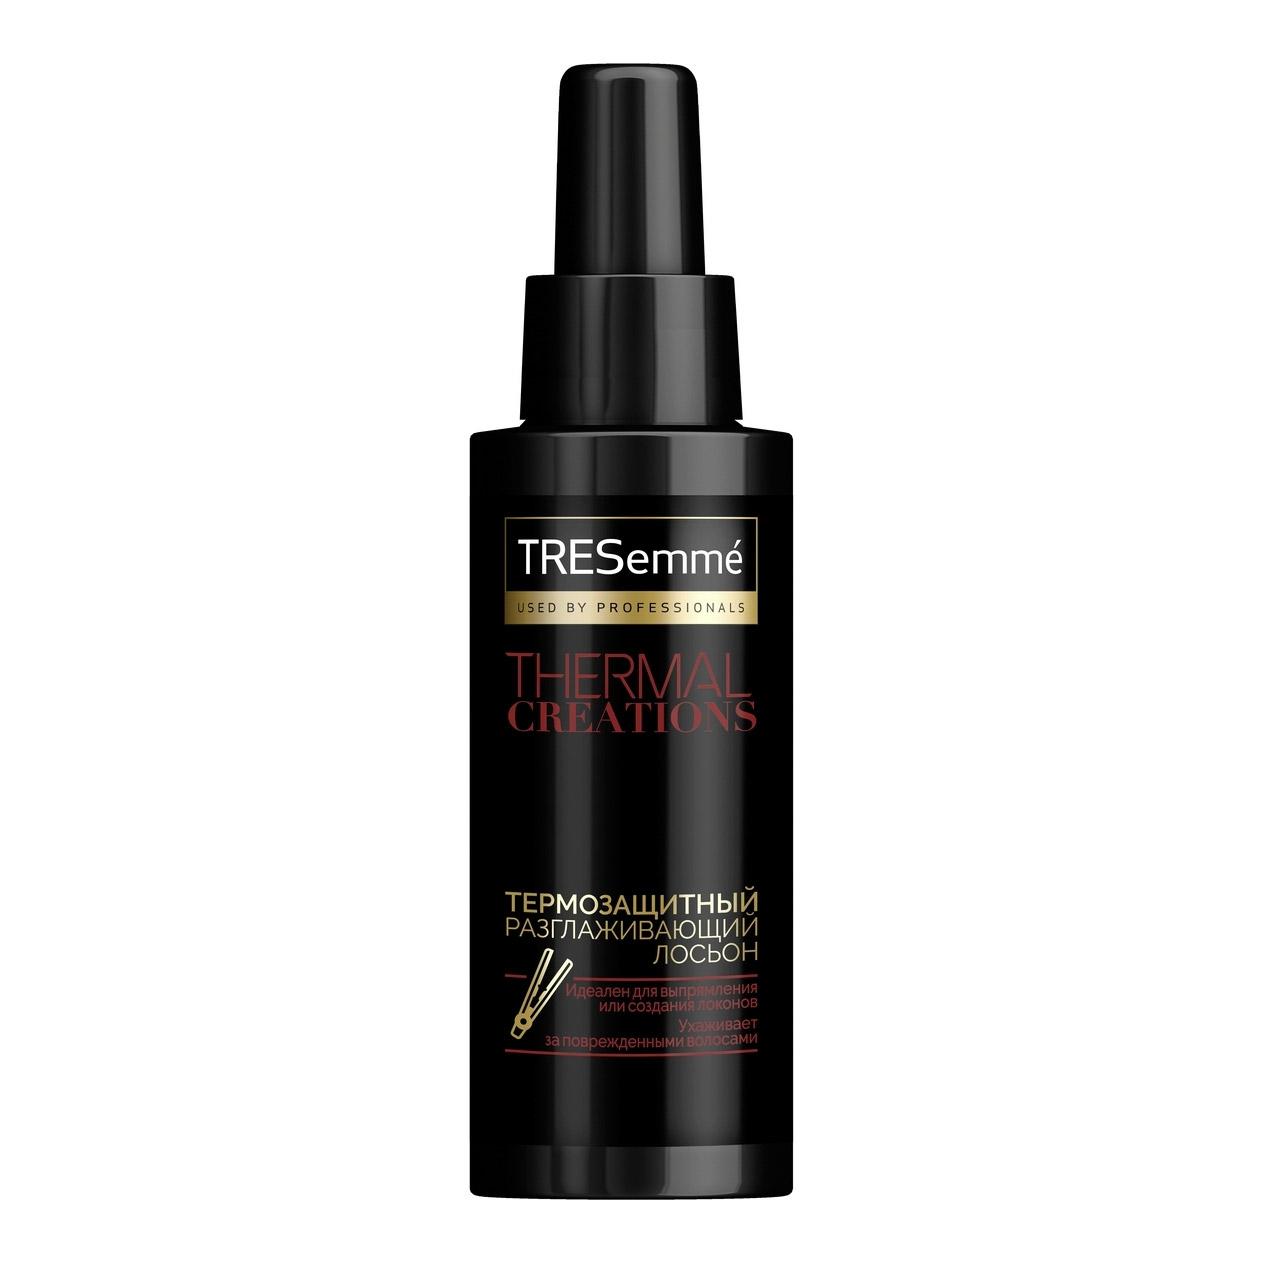 Лосьон для волос TRESemmé Thermal Creations термозащитный разглаживающий 125 мл.